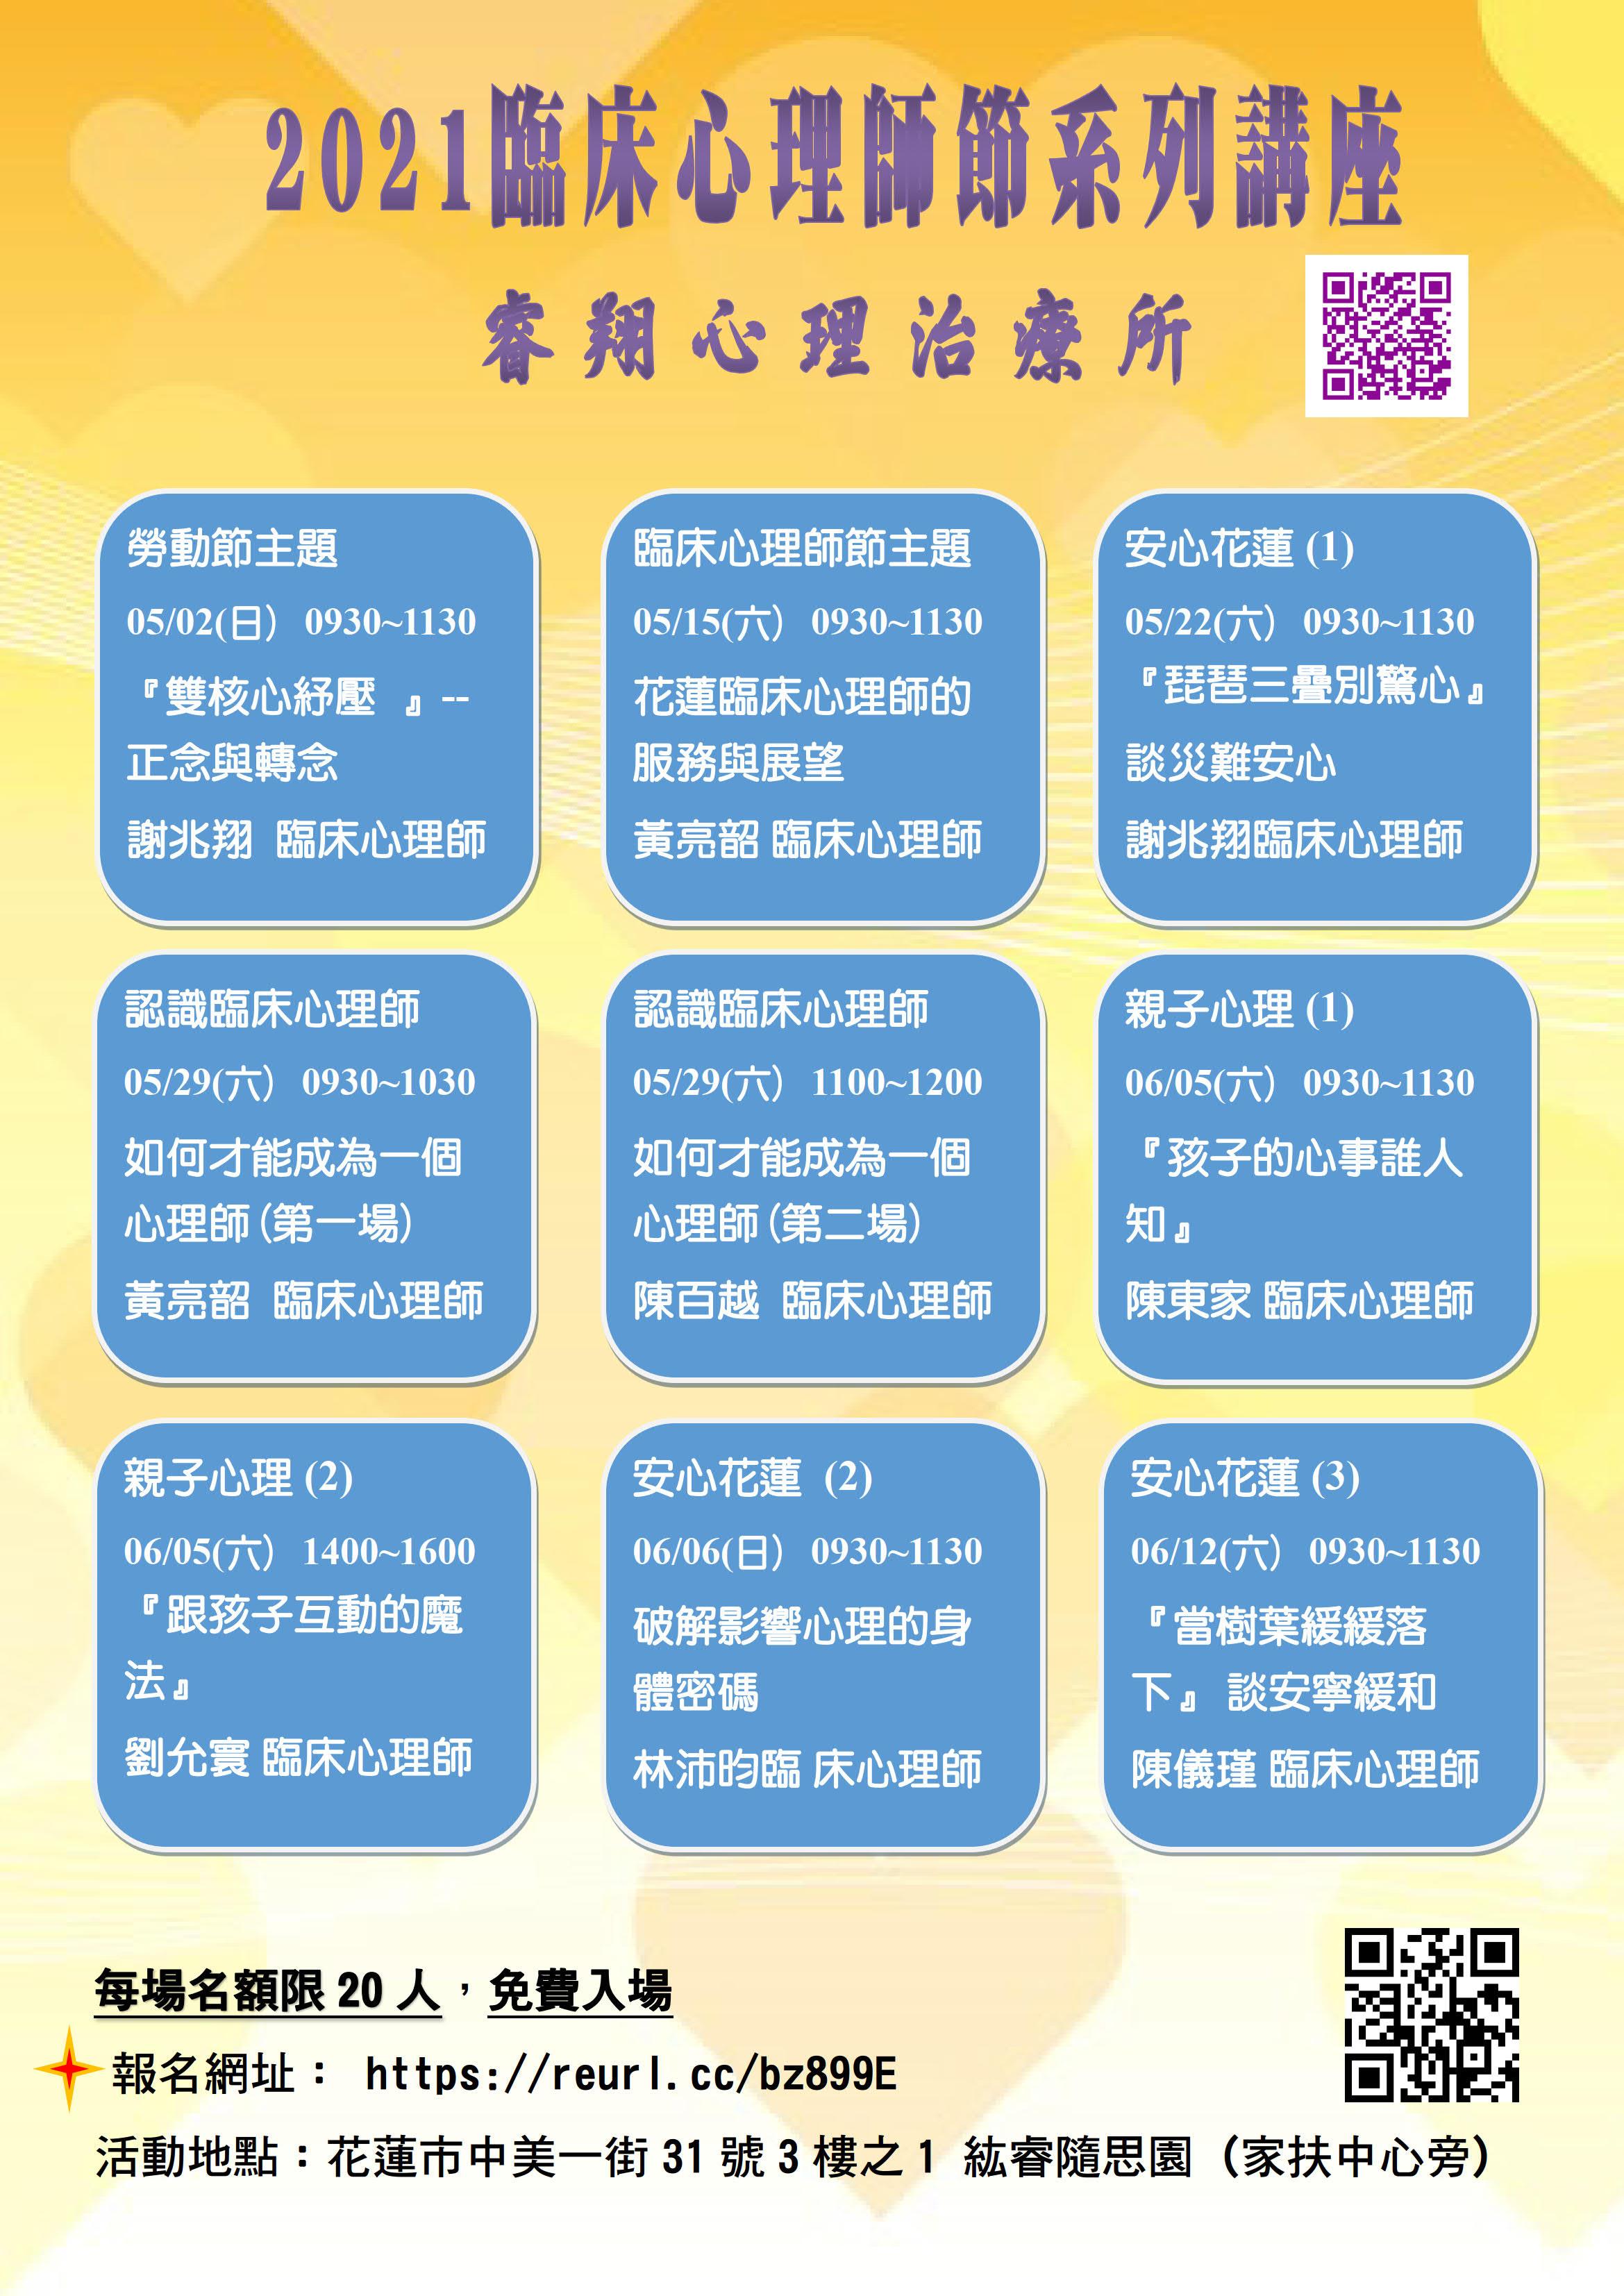 睿翔心理治療所-2021臨床心理師節系列講座.jpg